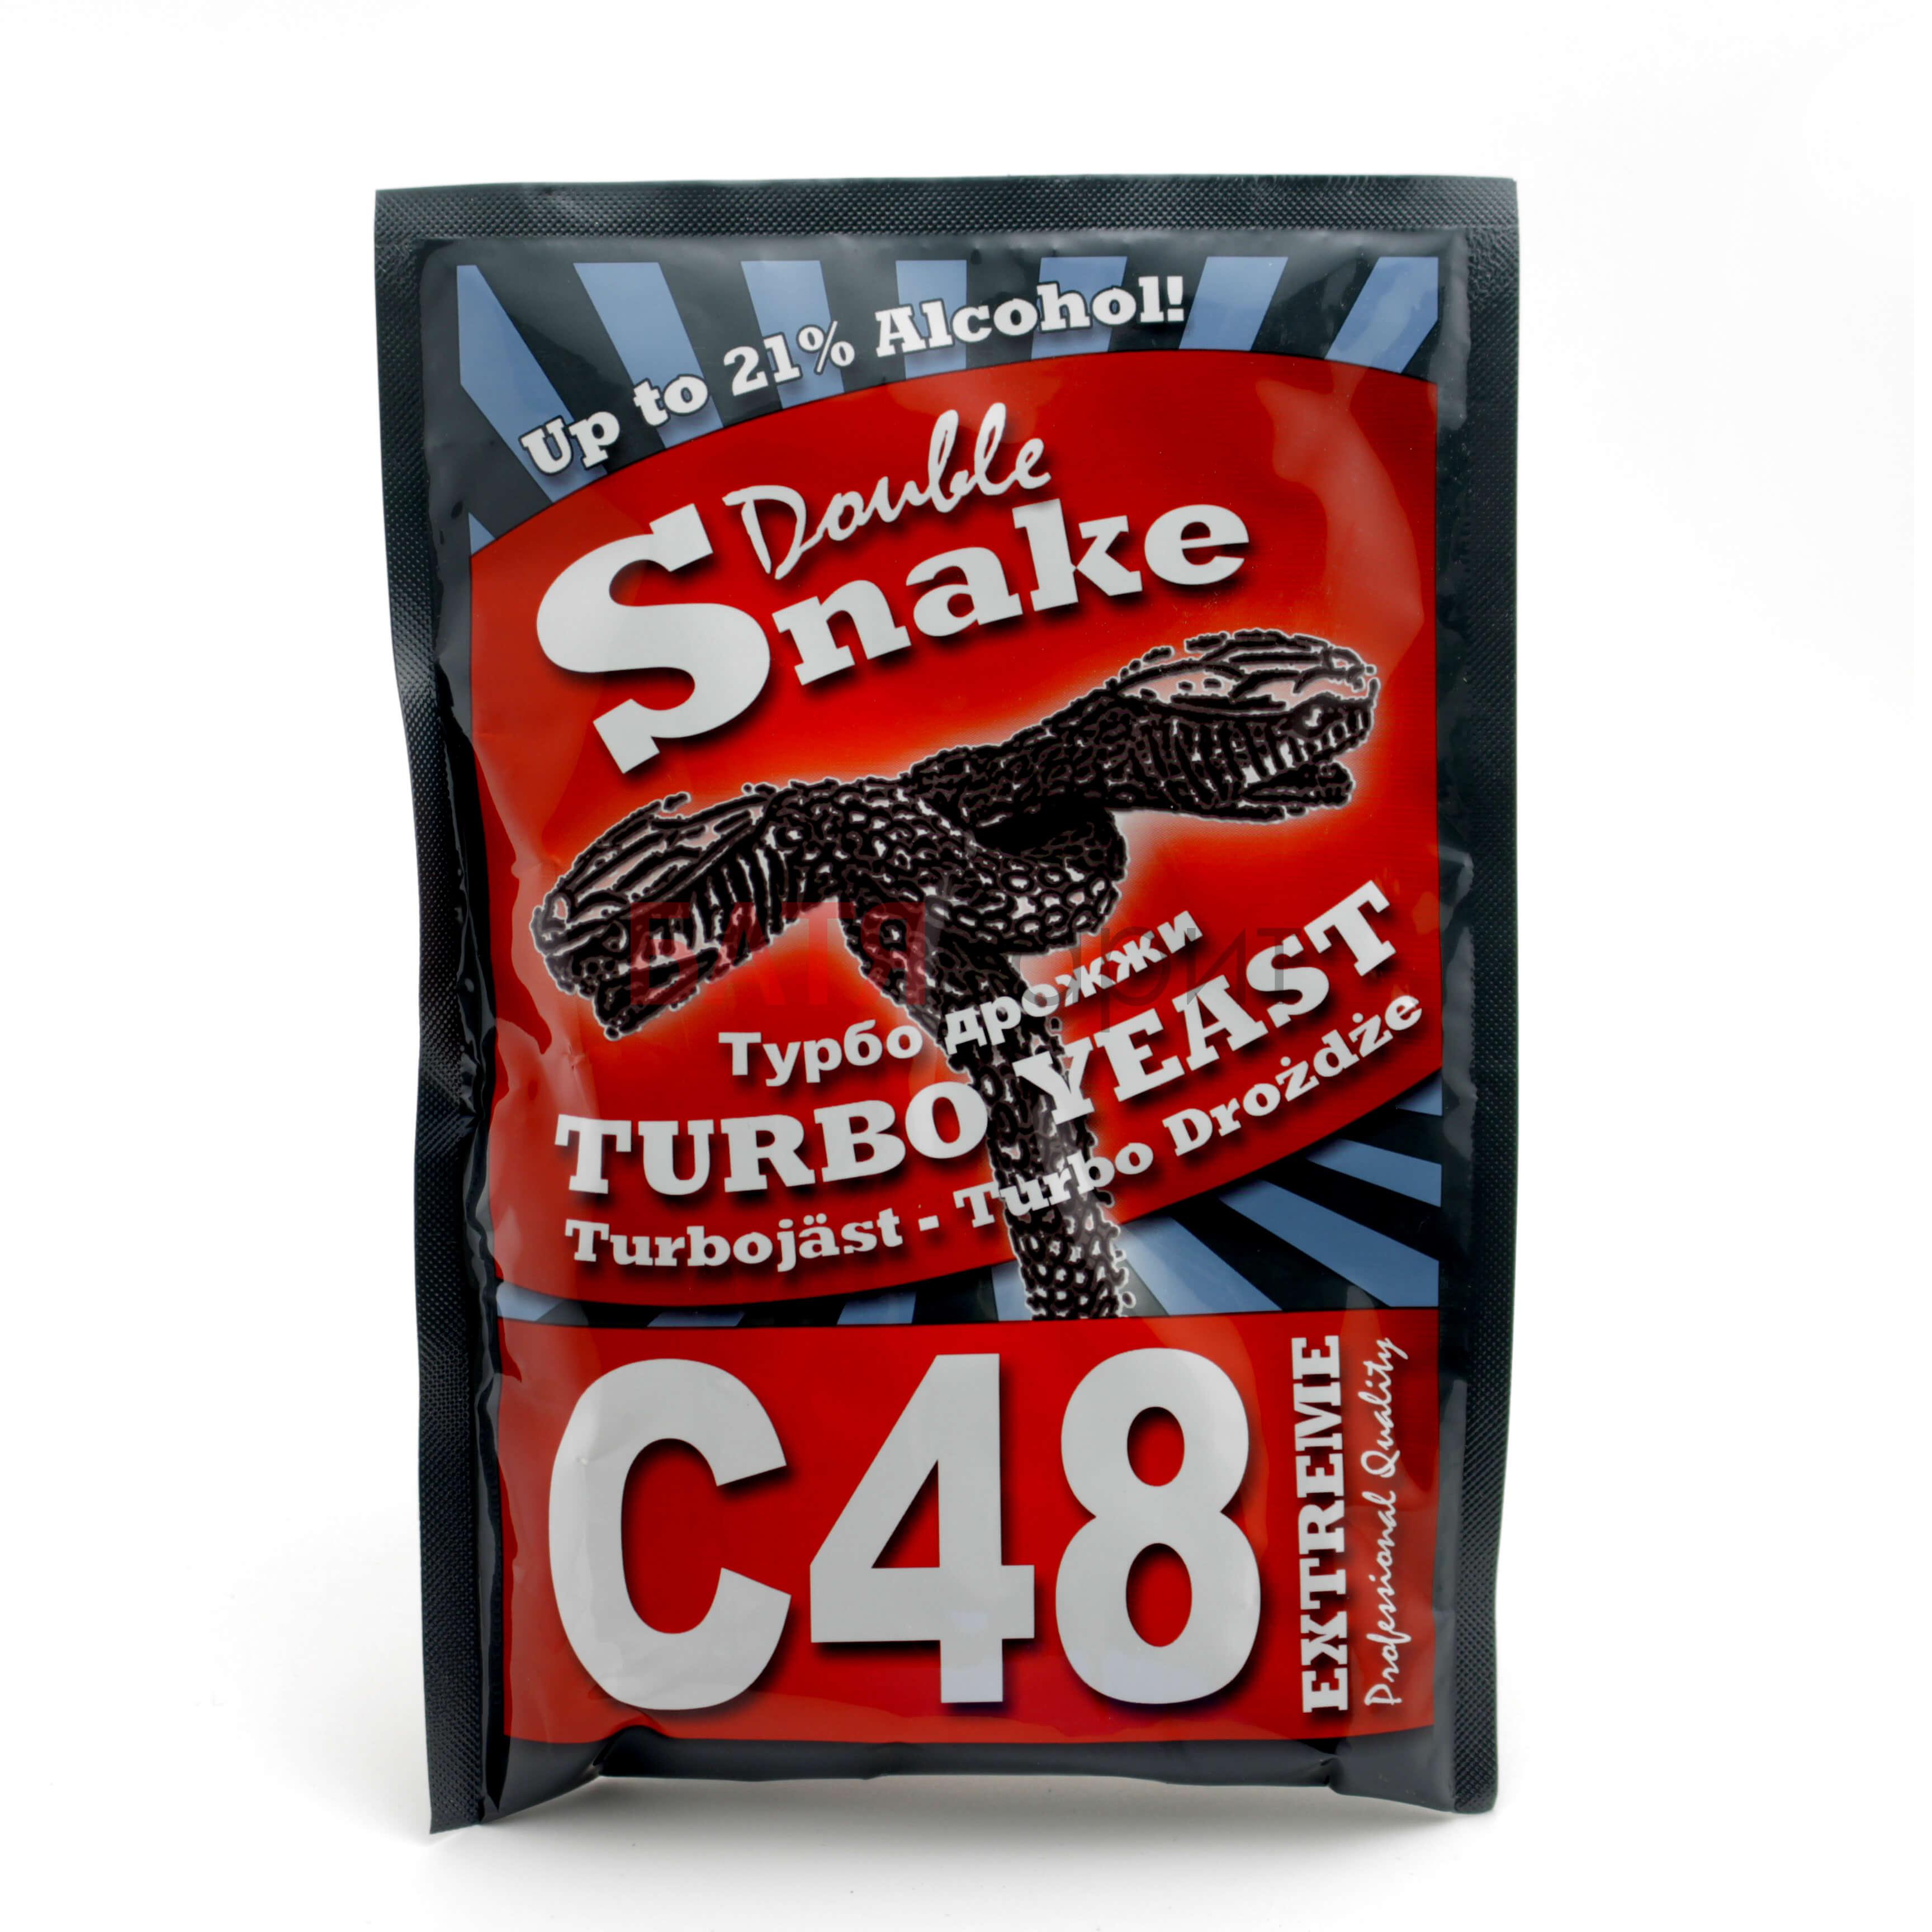 Спиртовые дрожжи Double Snake C48 Turbo 130гр